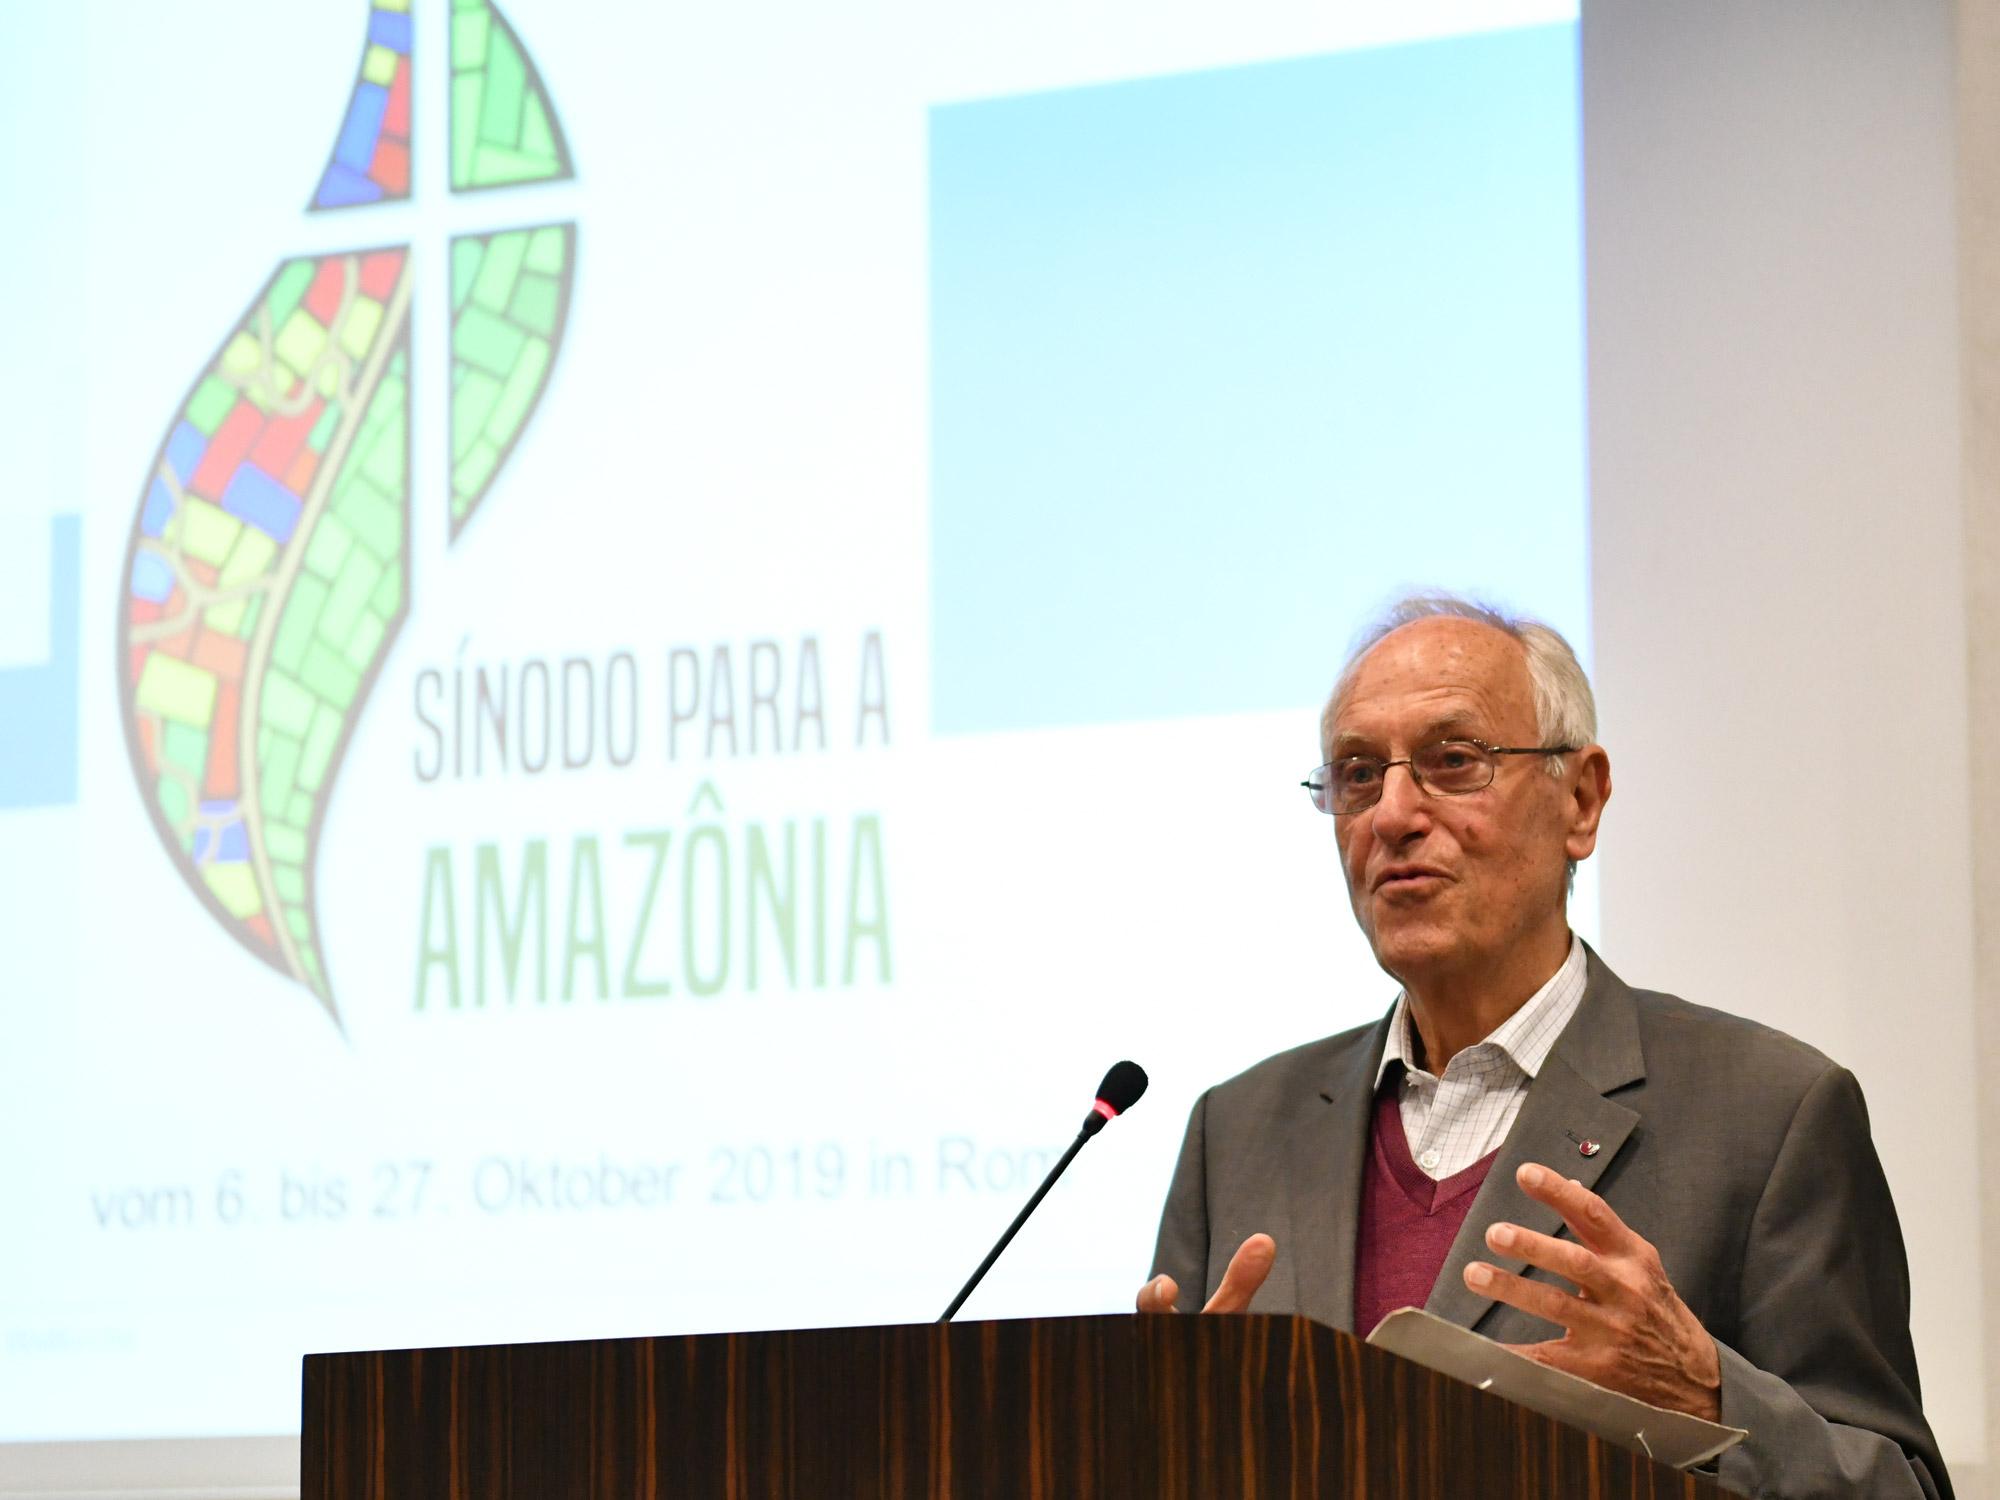 Dr. Paulo Süss spricht über seine Erfahrungen bei der Amazonas-Synode. (Fotos: Julian Schmidt / pba)